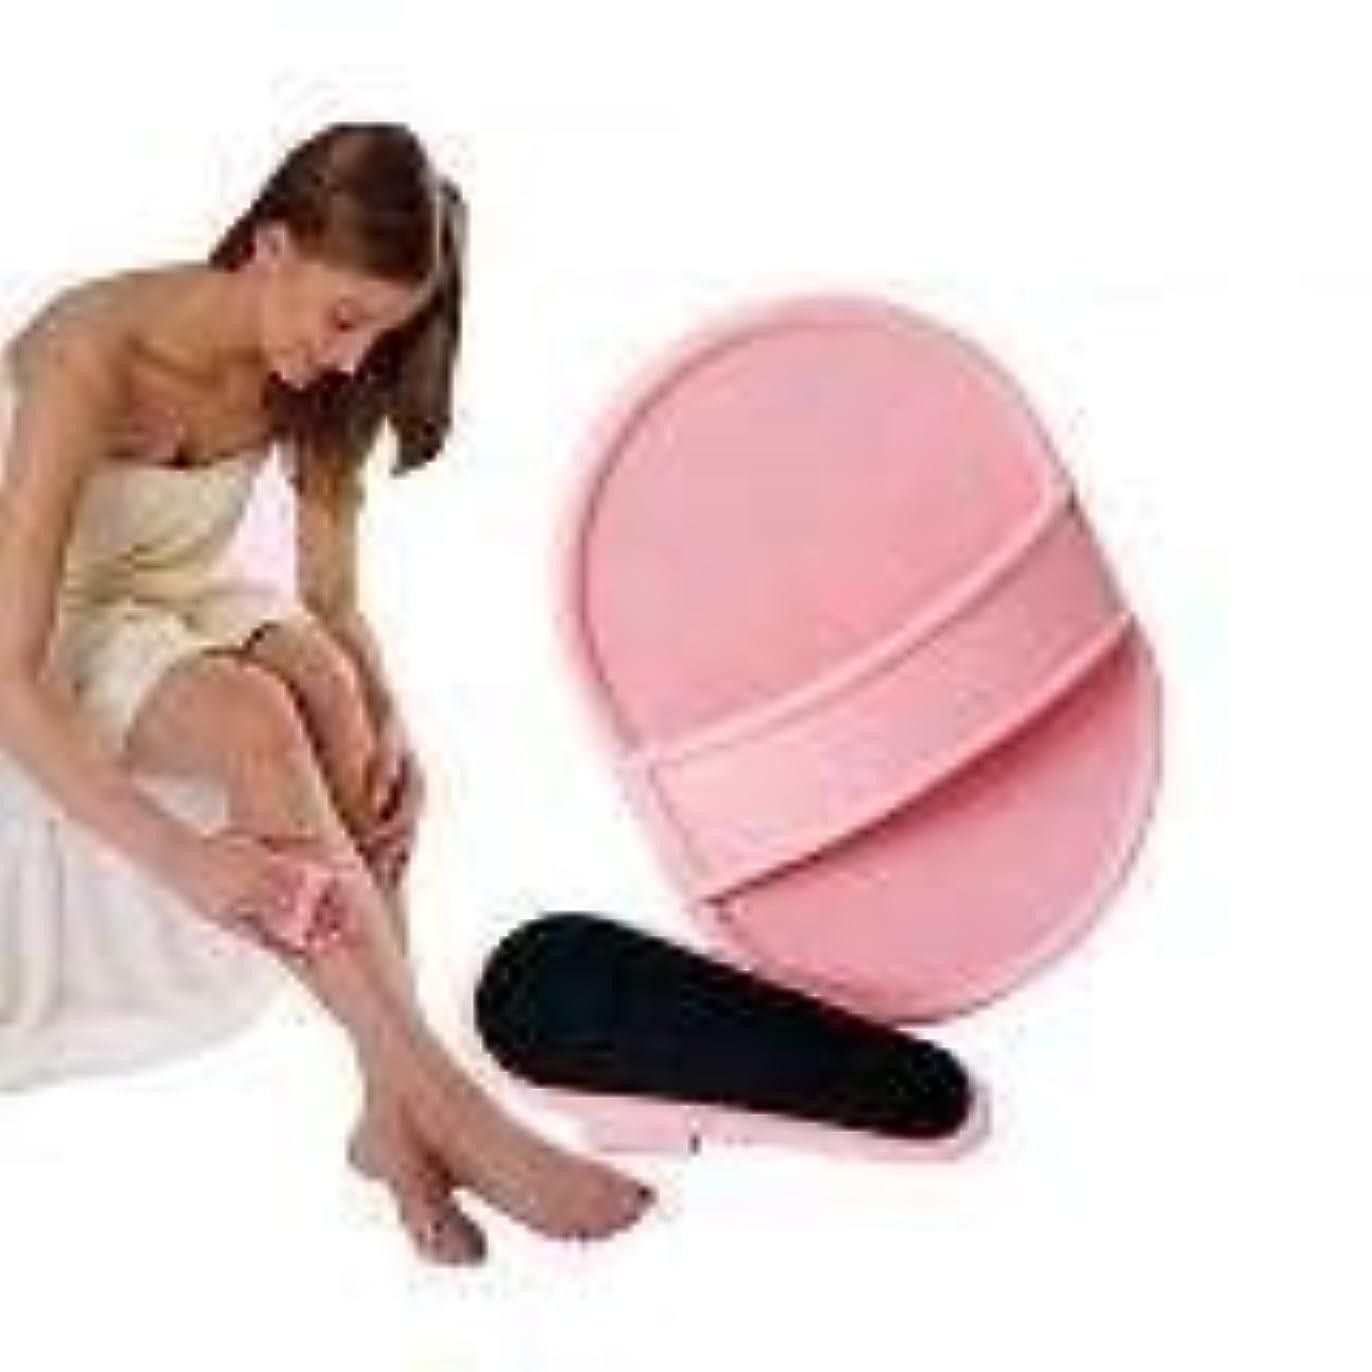 アストロラーベオリエント急ぐGUANG-HOME なめらかな脚またはなめらかな脚用の詰め替えパッド - 10パッド